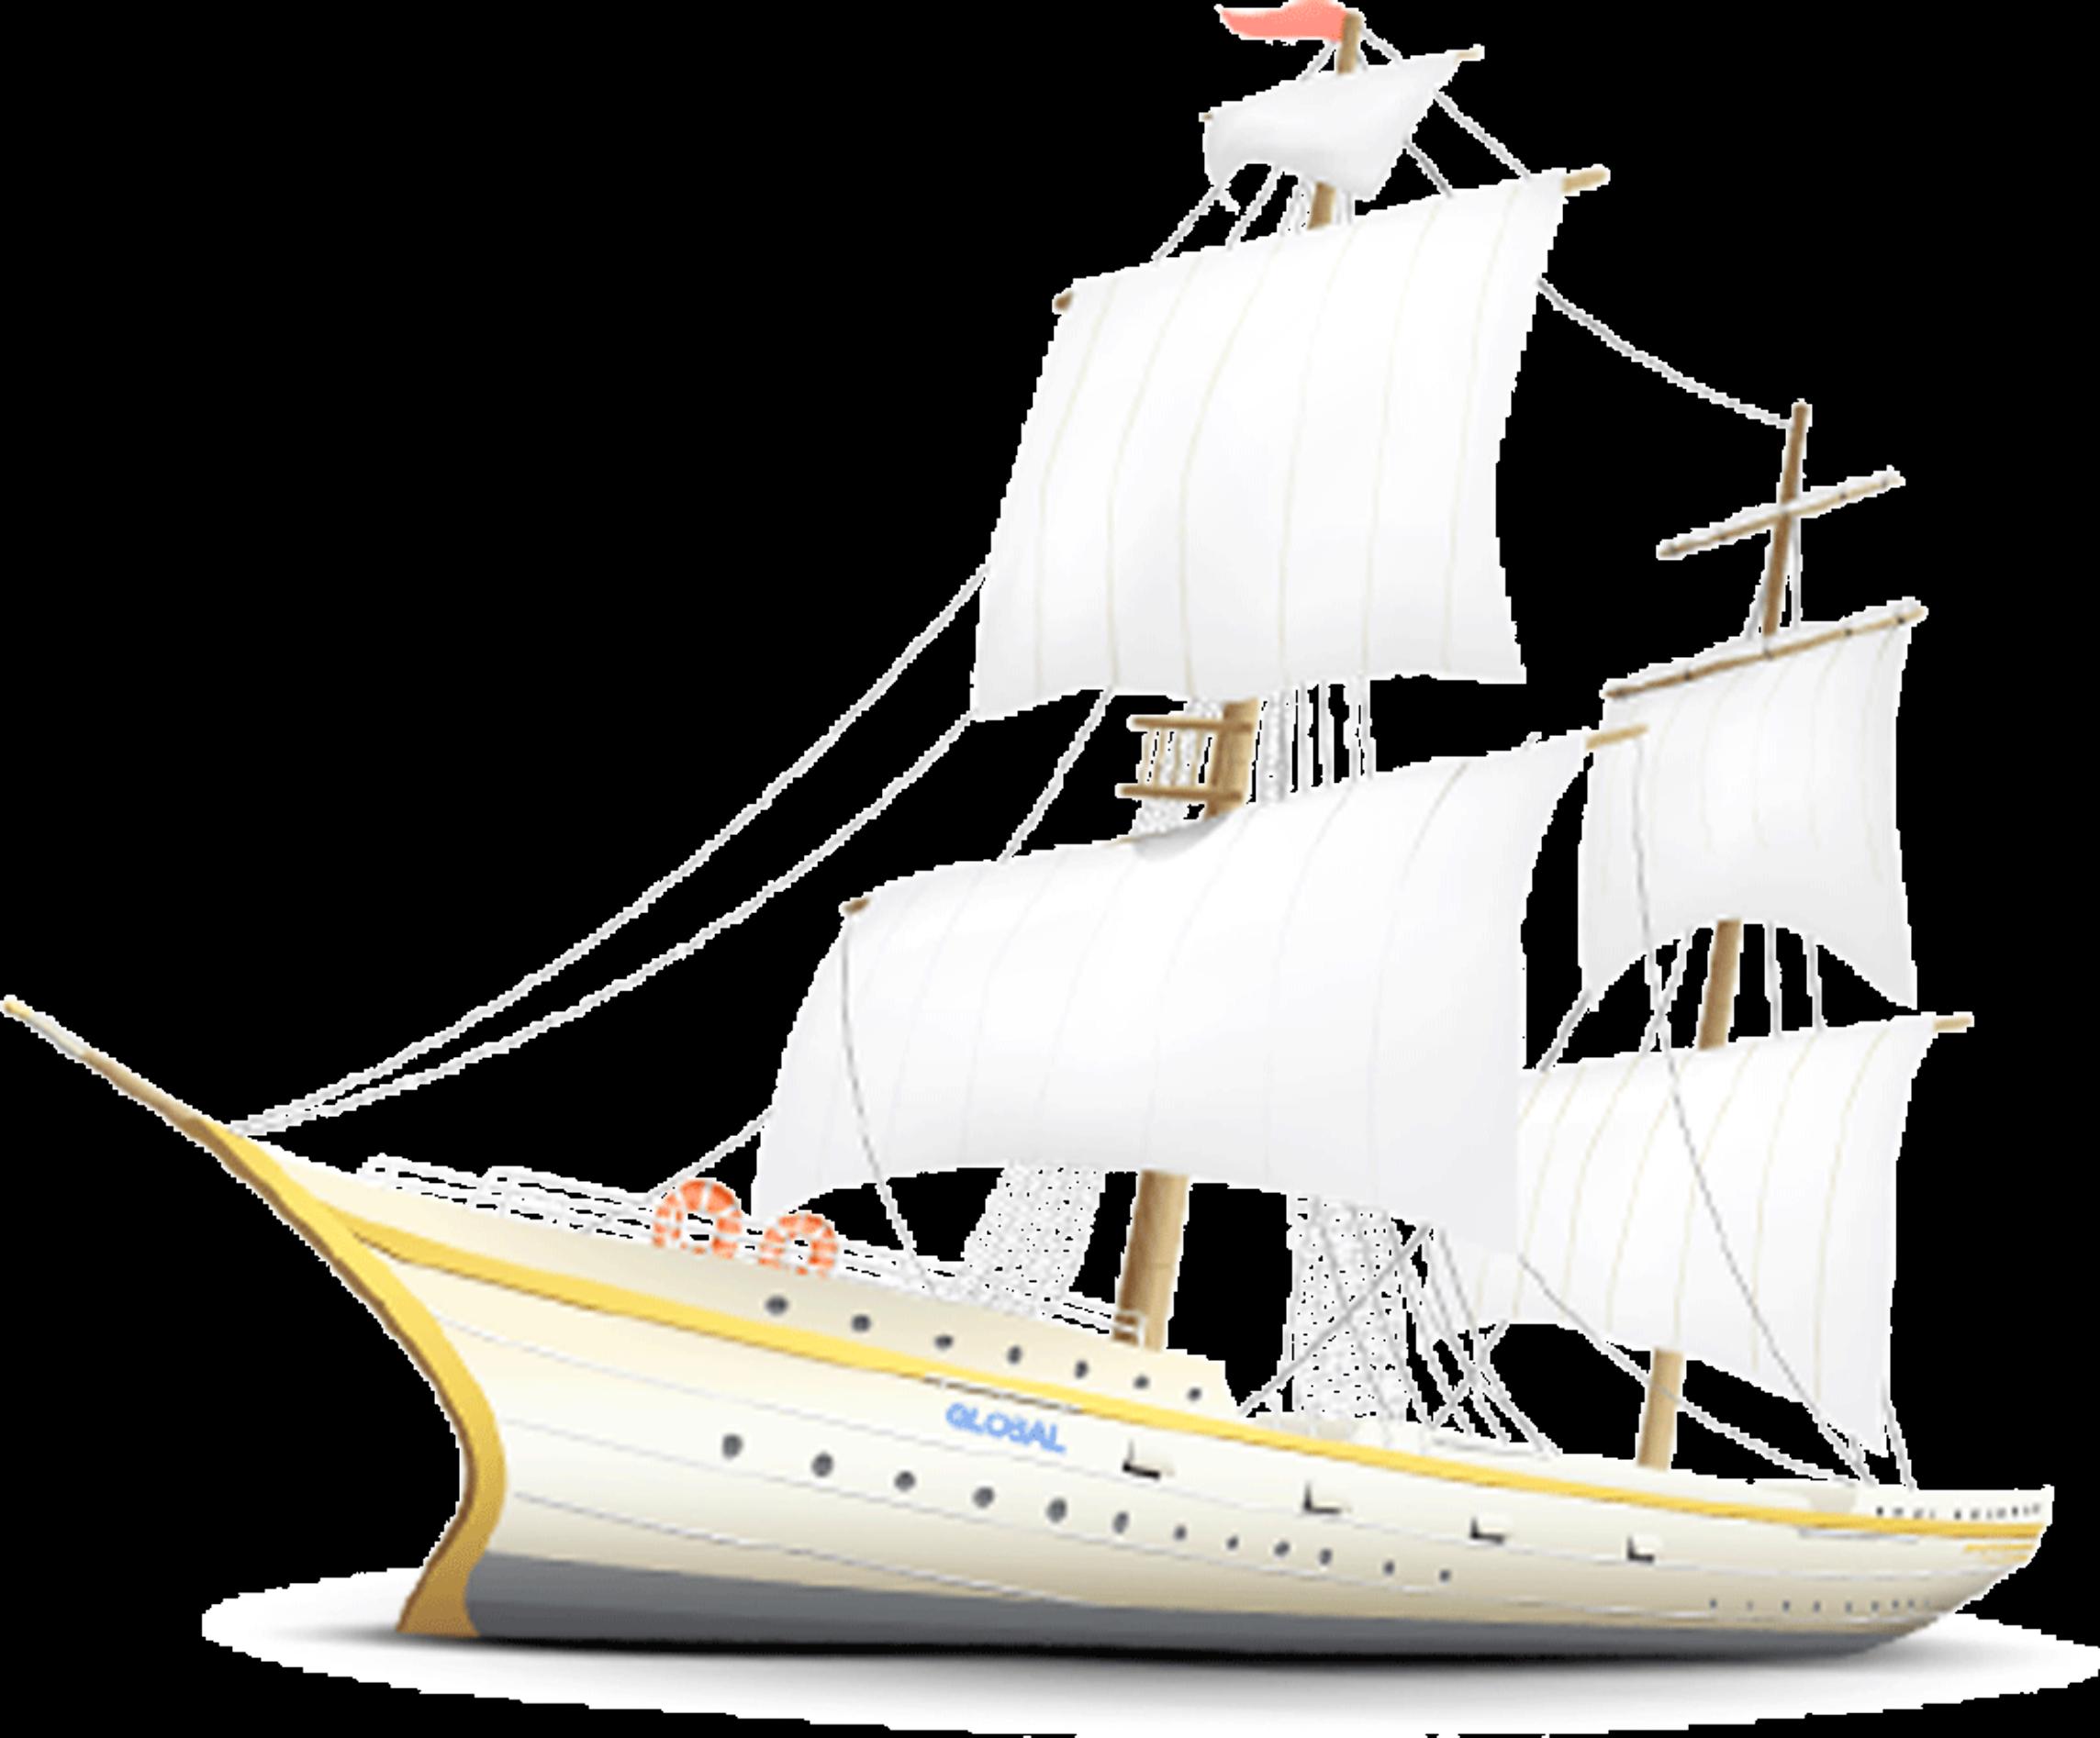 возлюбленный картинка пнг на прозрачном фоне корабль возникновения герпеса лице